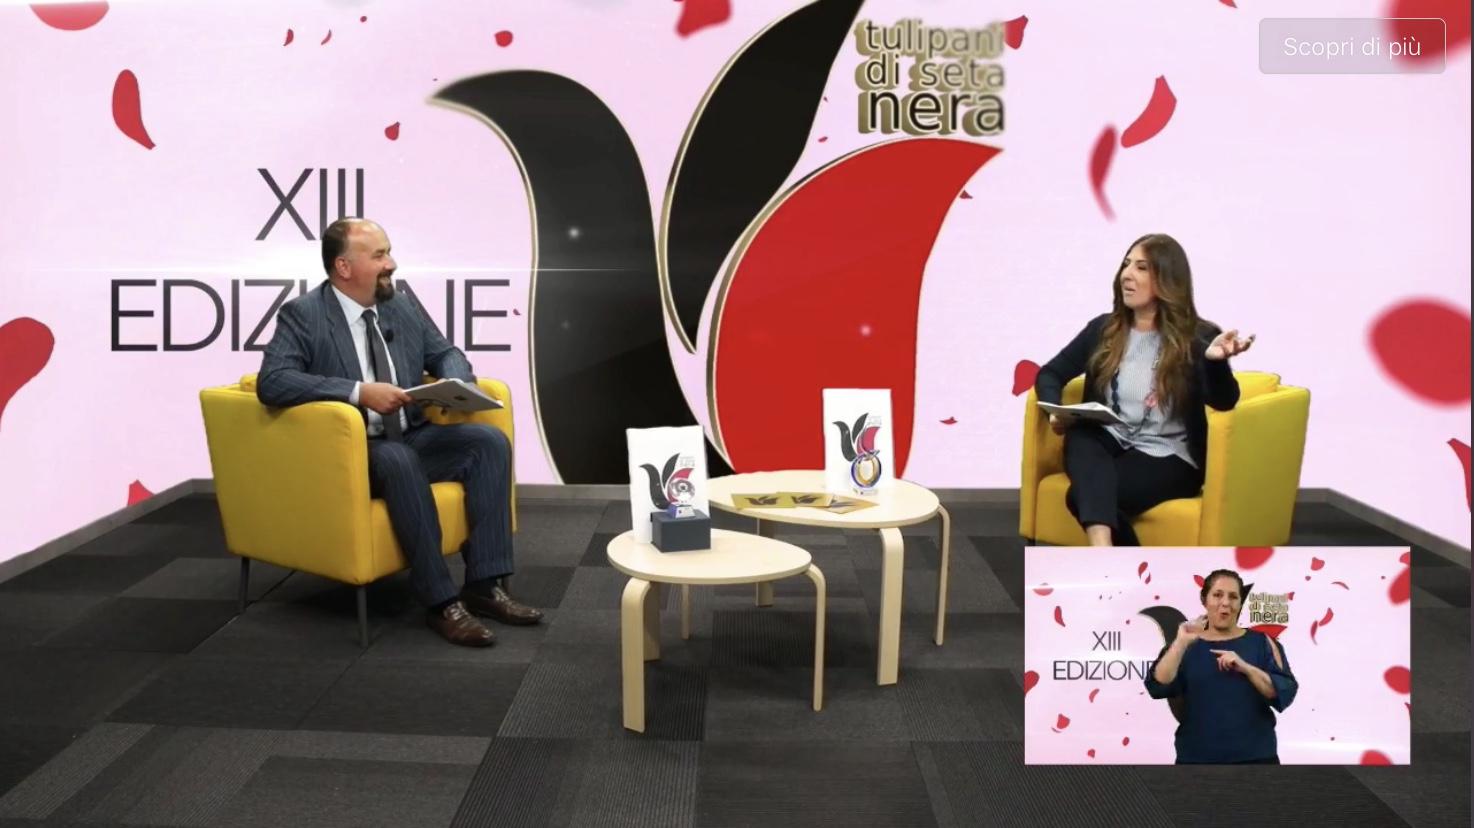 XIII Tulipani di Seta Nera, terza giornata: il Festival celebra il grande Alberto Sordi